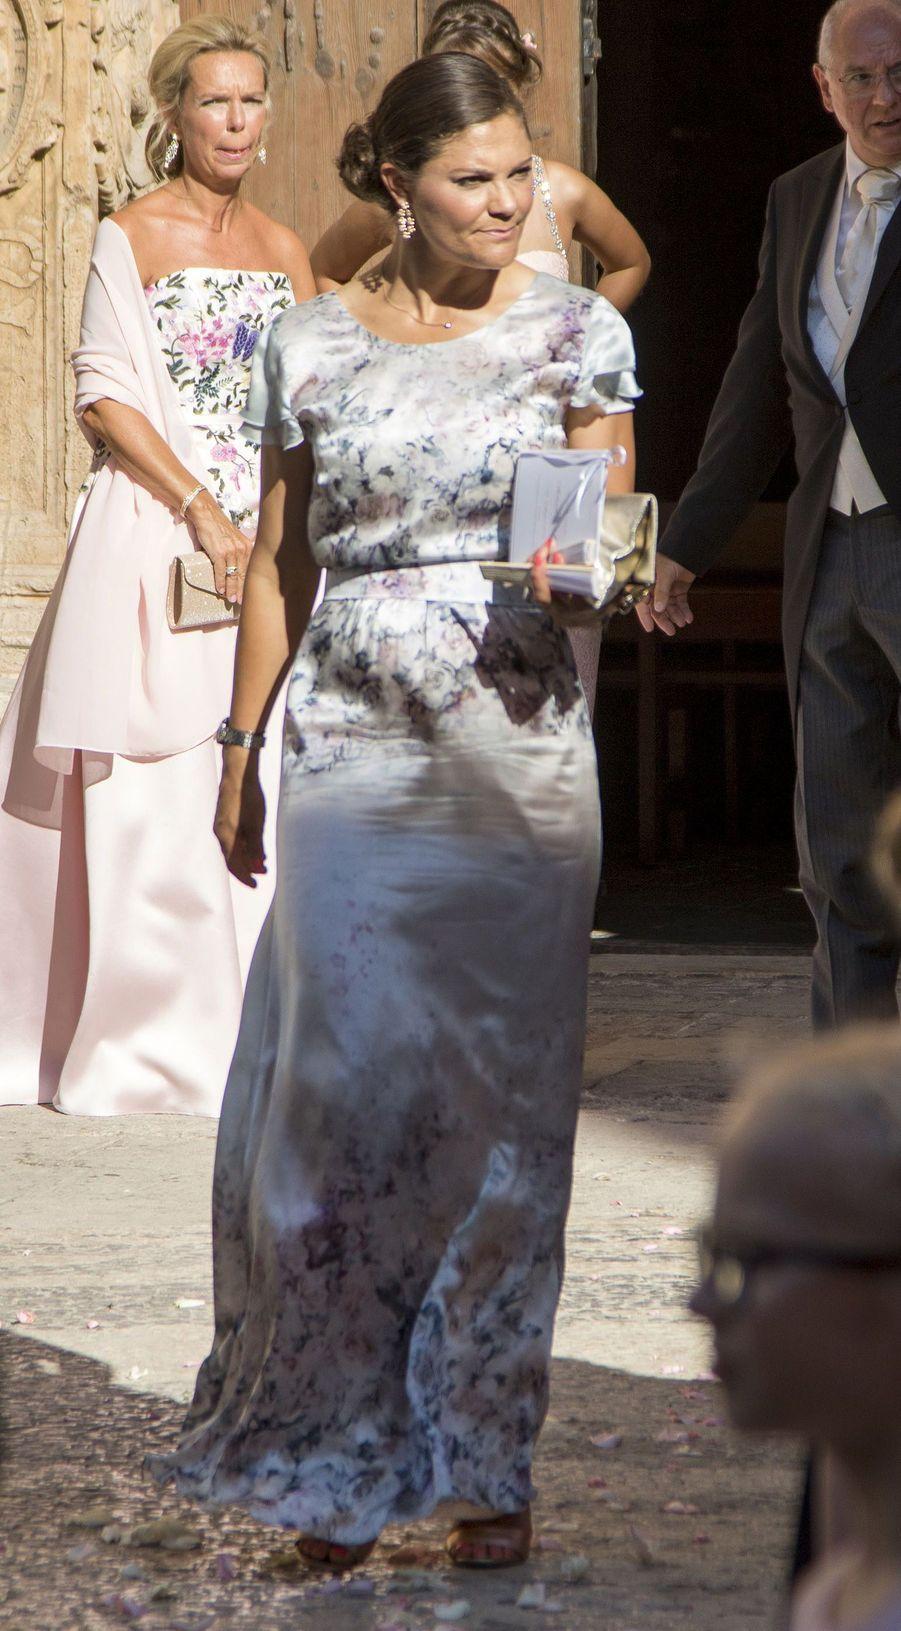 La princesse Victoria de Suède au mariage de sa cousine Helena Christina Sommerlath à Palma de Majorque, le 5 août 2017